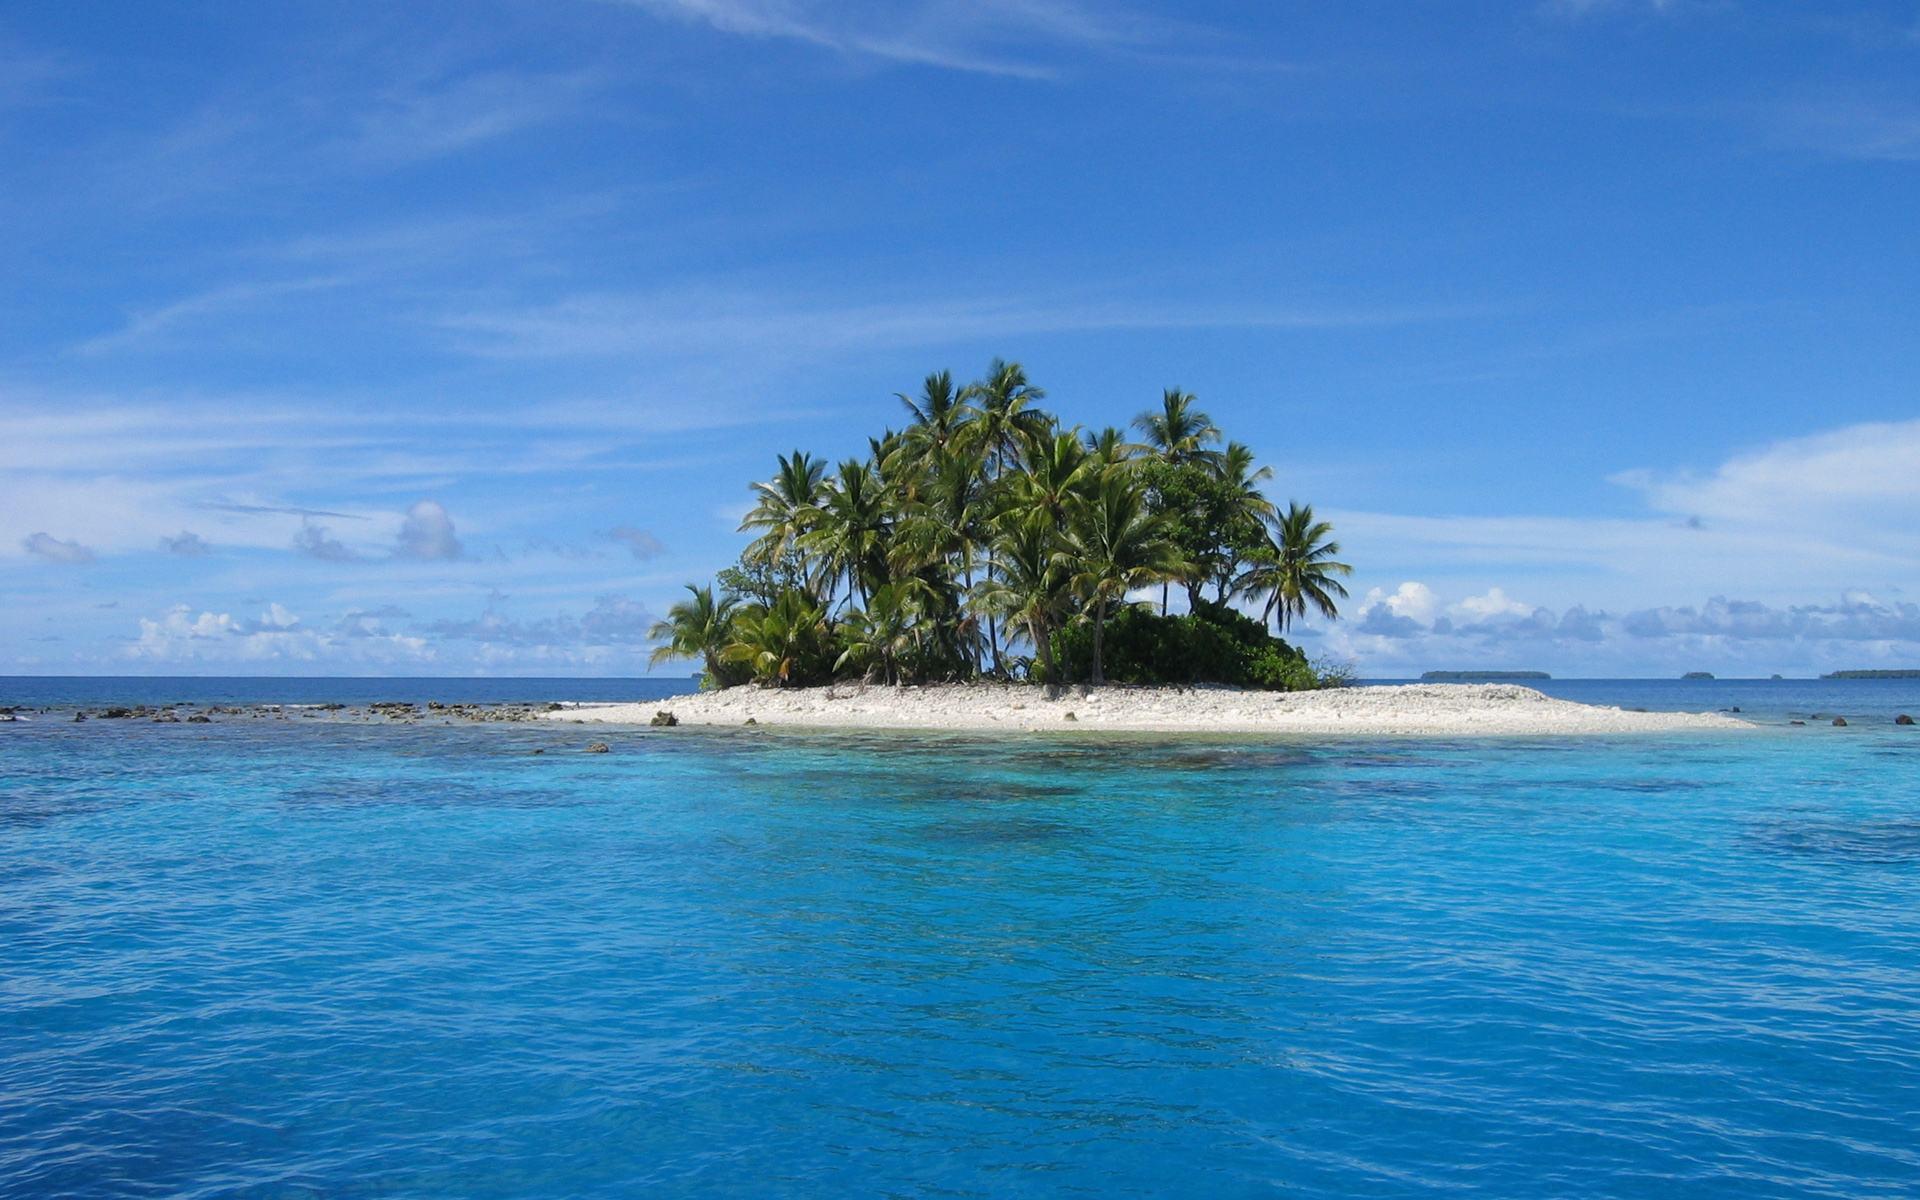 Обои маленький остров в море 1920x1200